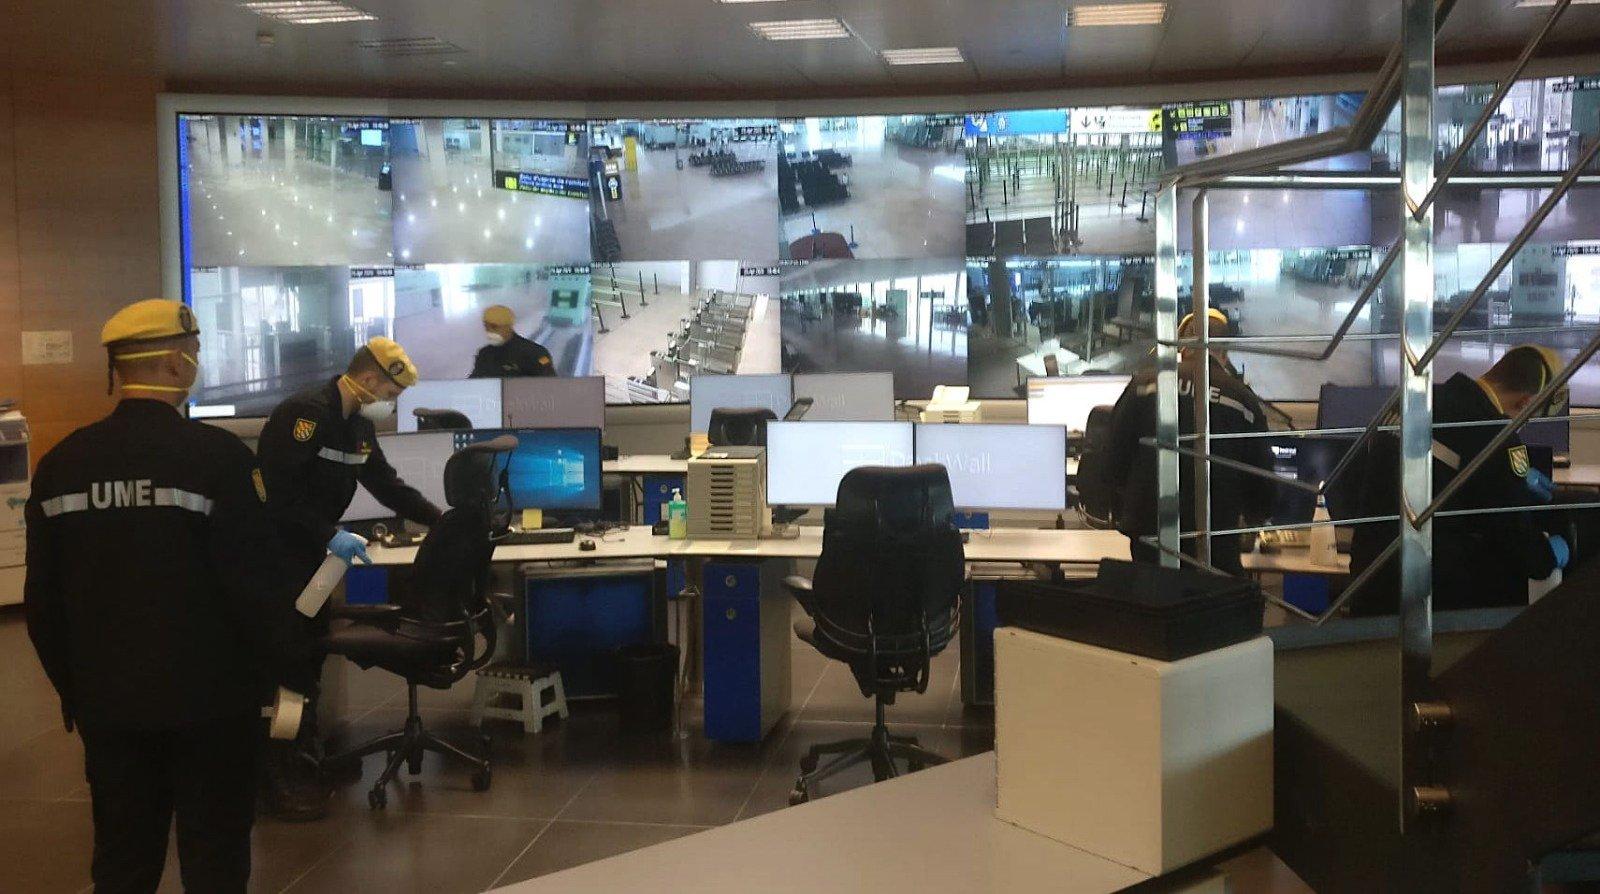 La UME, en el aeropuerto del Prat